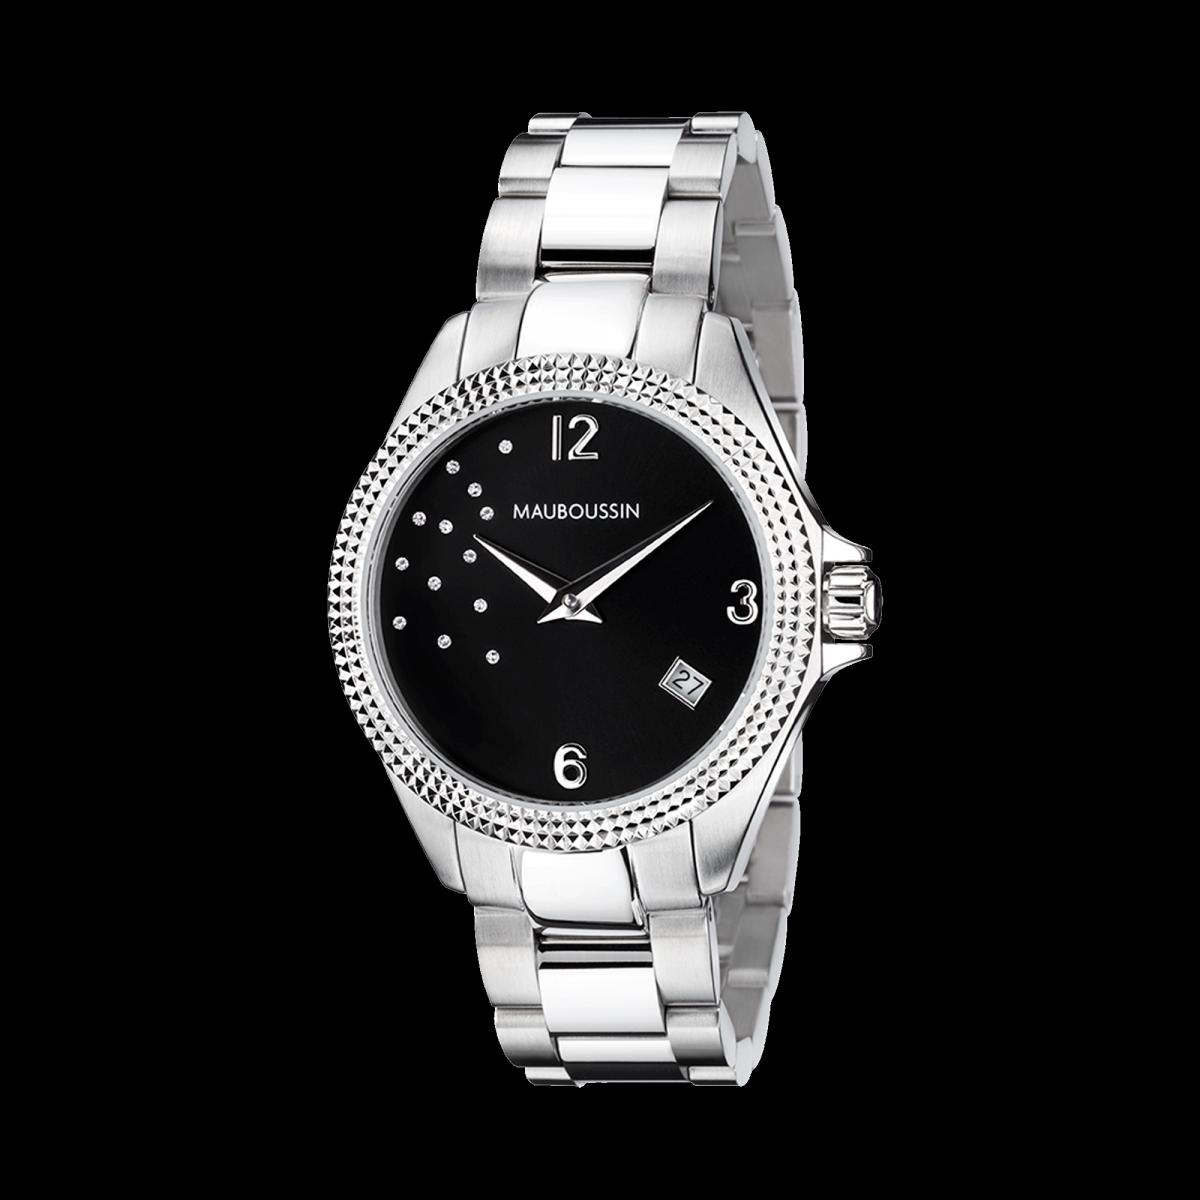 montre-mauboussin-l-heure-de-paix-immédiate-acier-cadran-noir-et-diamant-n15